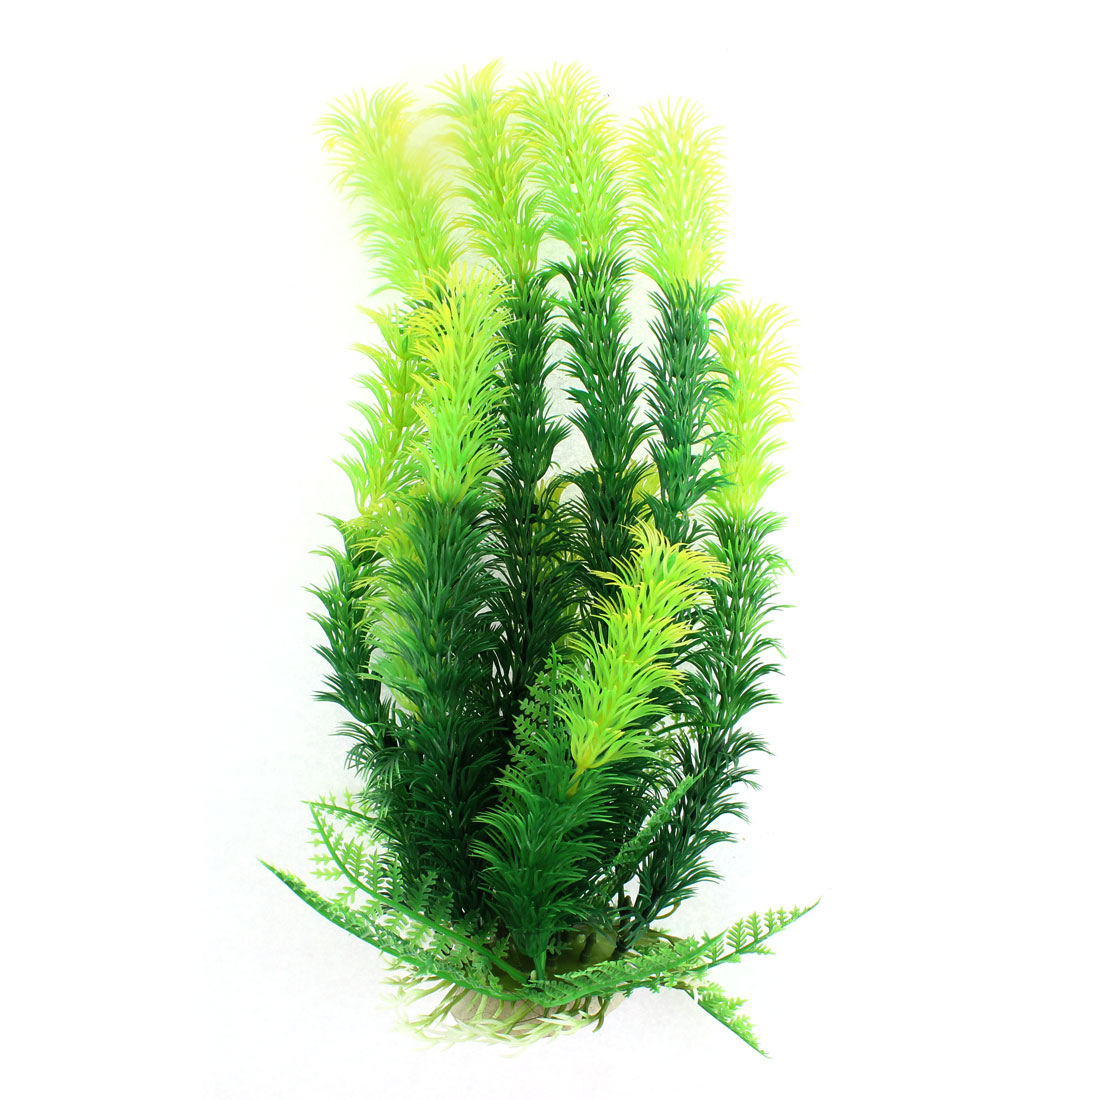 Aquarium Plastic Aquascaping Water Plant Ornament Green 27cm High